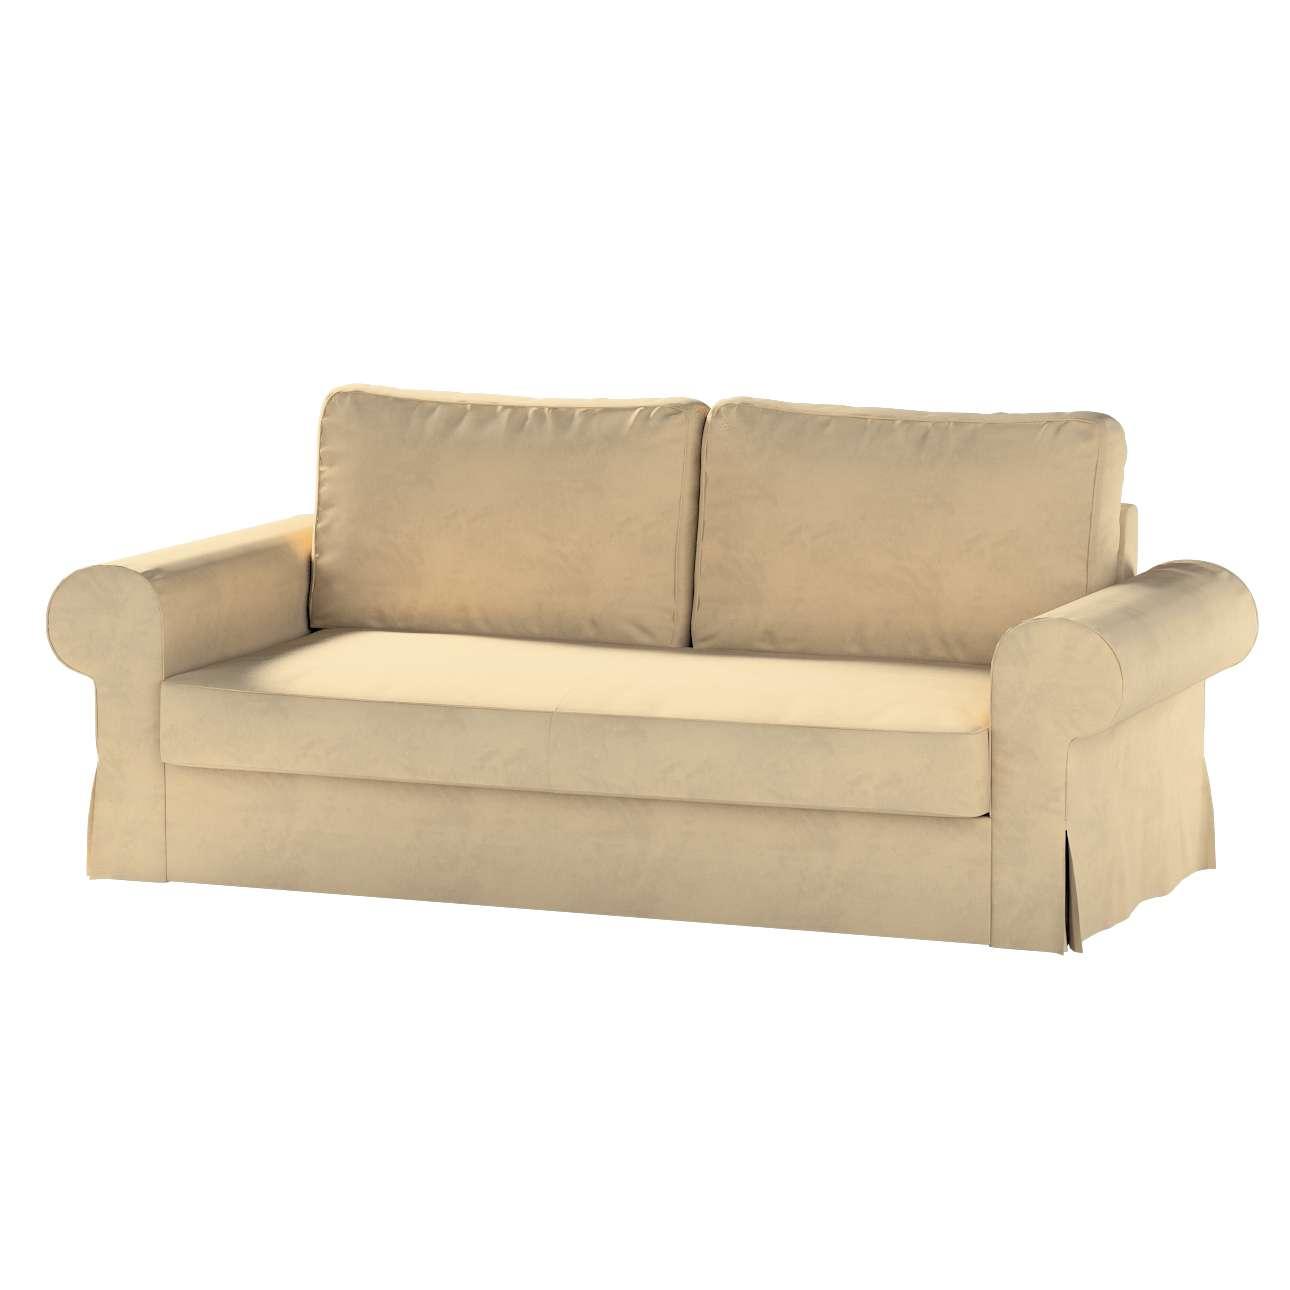 Pokrowiec na sofę Backabro 3-osobową rozkładaną w kolekcji Living II, tkanina: 160-82